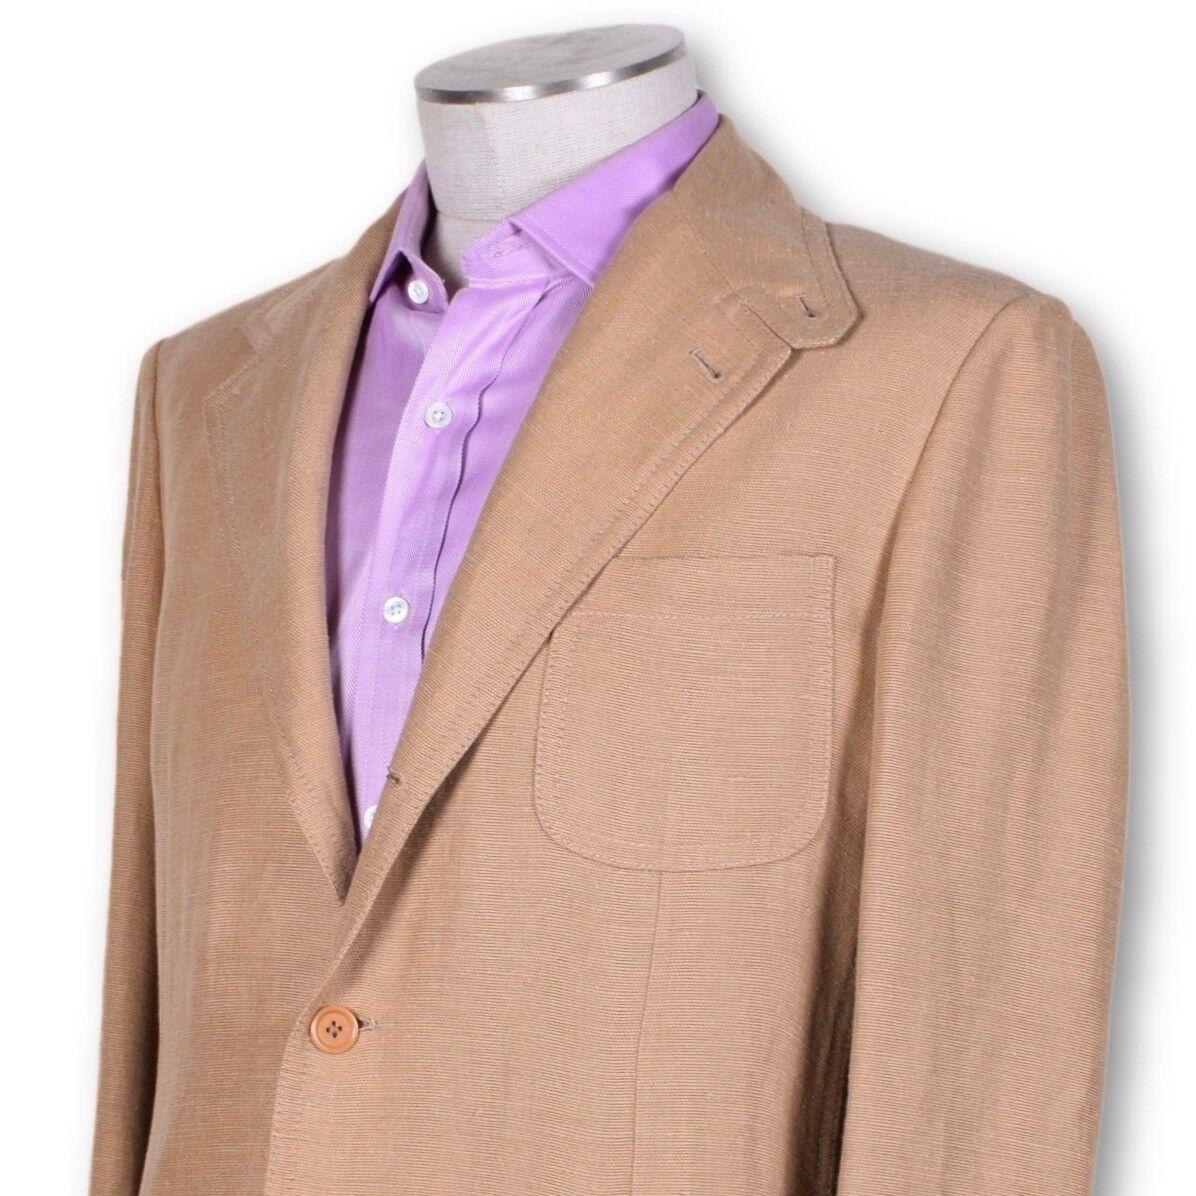 NWT Belvest braun Linen Silk 1 4 Lined Three Button Sportcoat STUNNING 40 40R